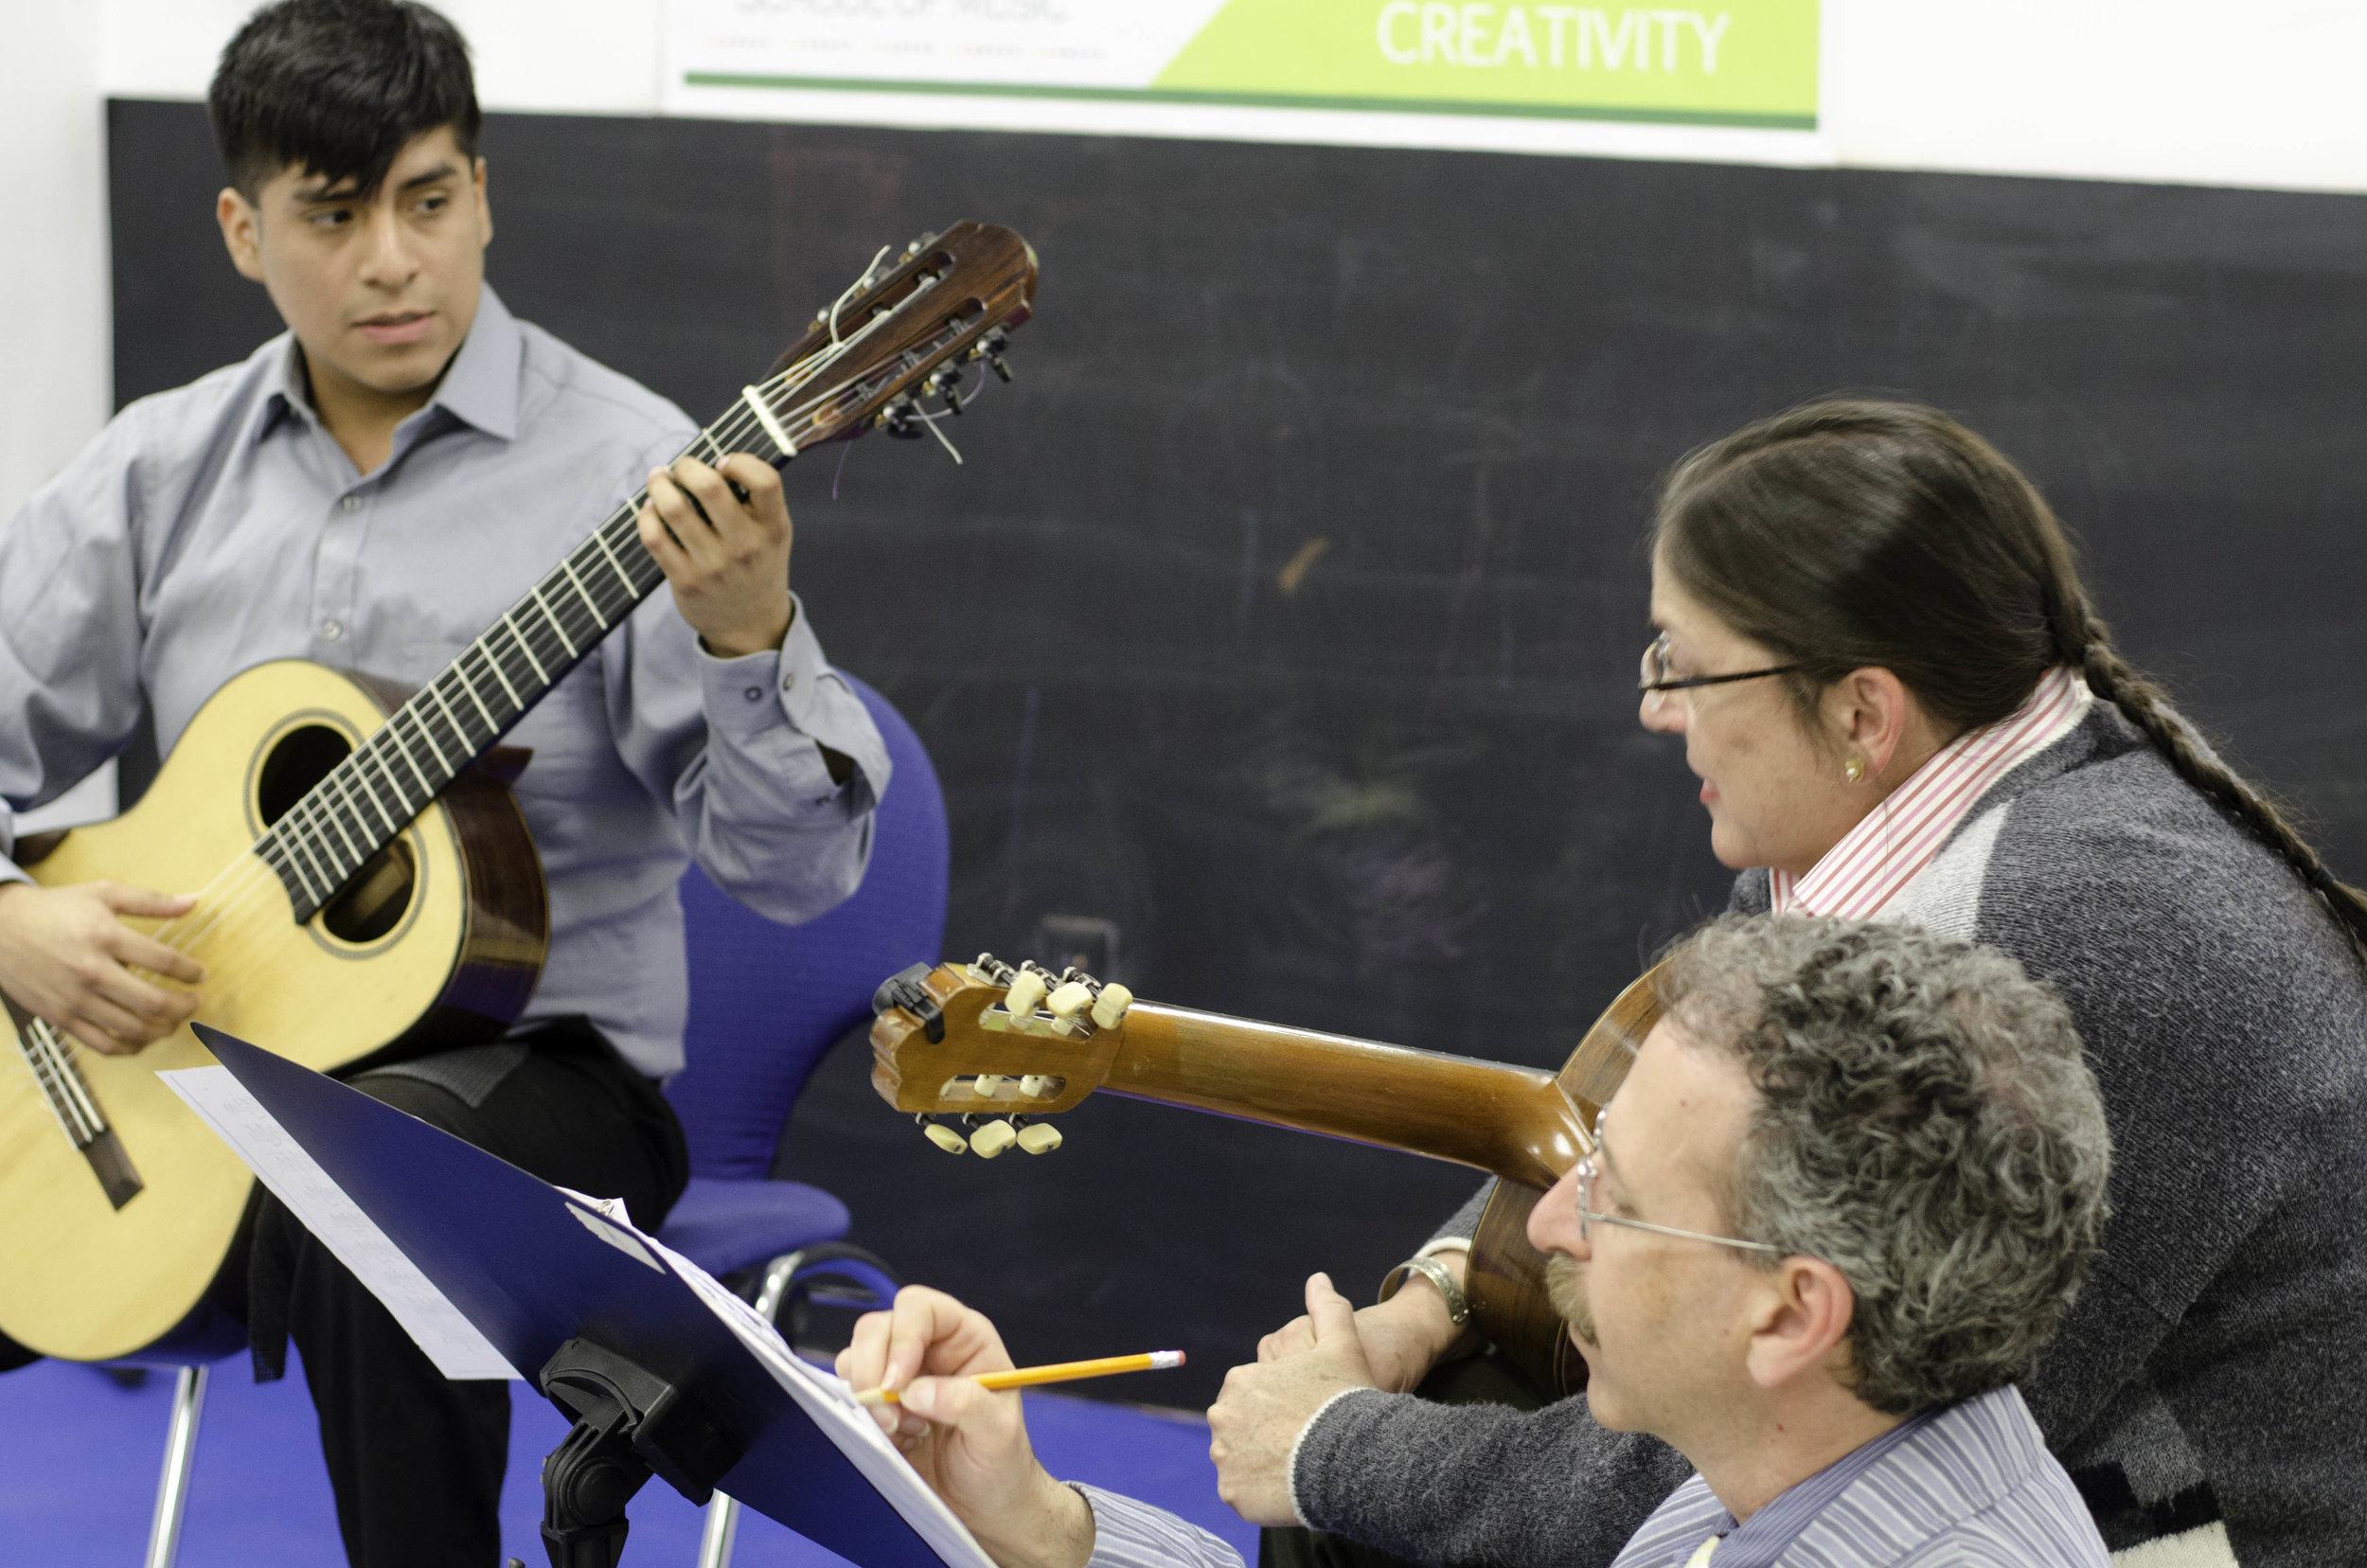 fort_lee_music_kids_class_guitars.jpg